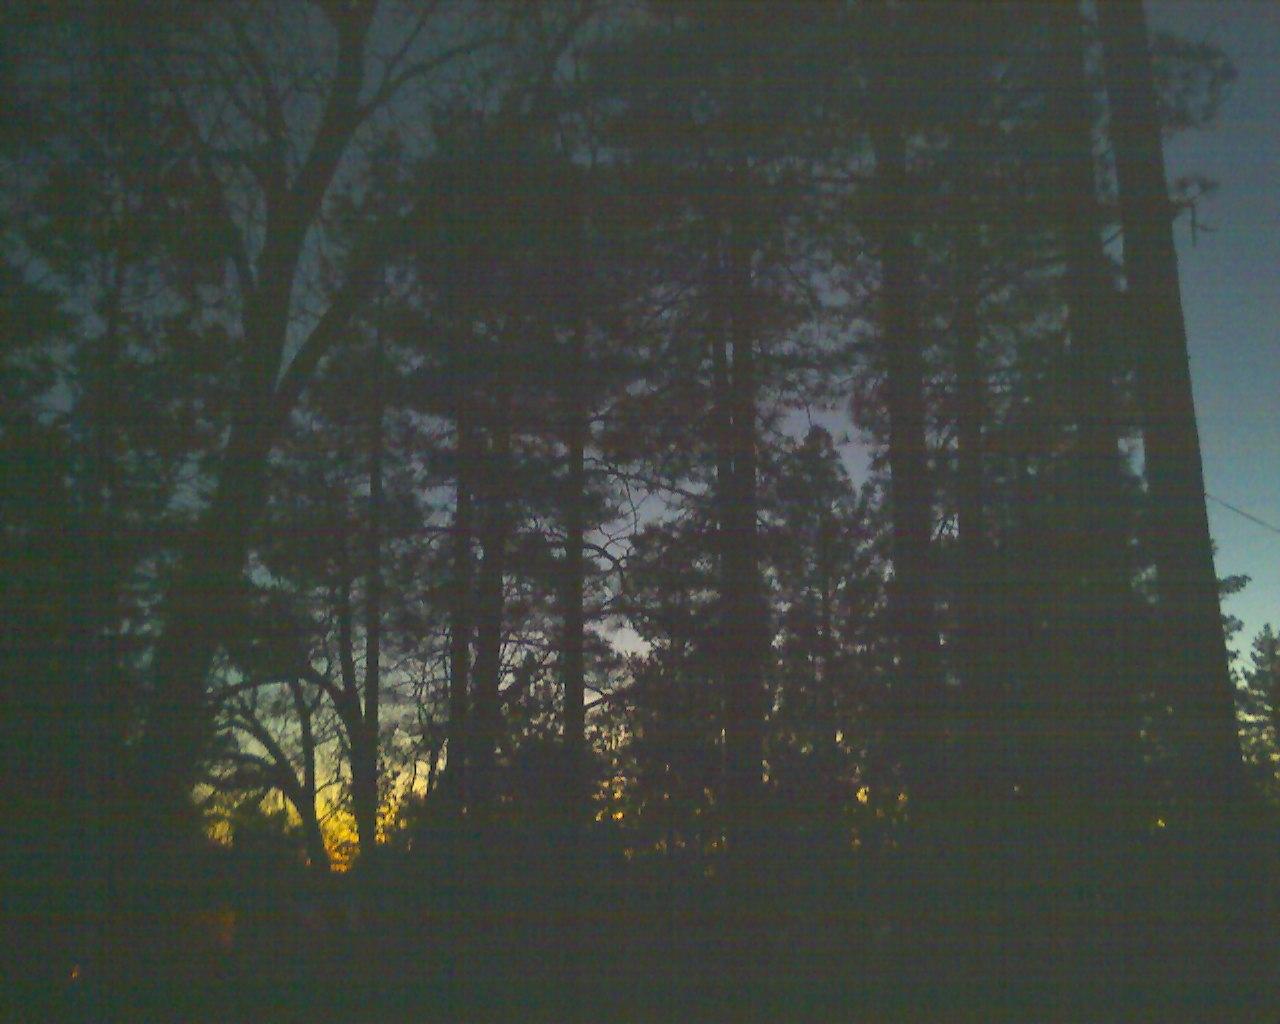 sunrise, sunset, sunrise, sunset